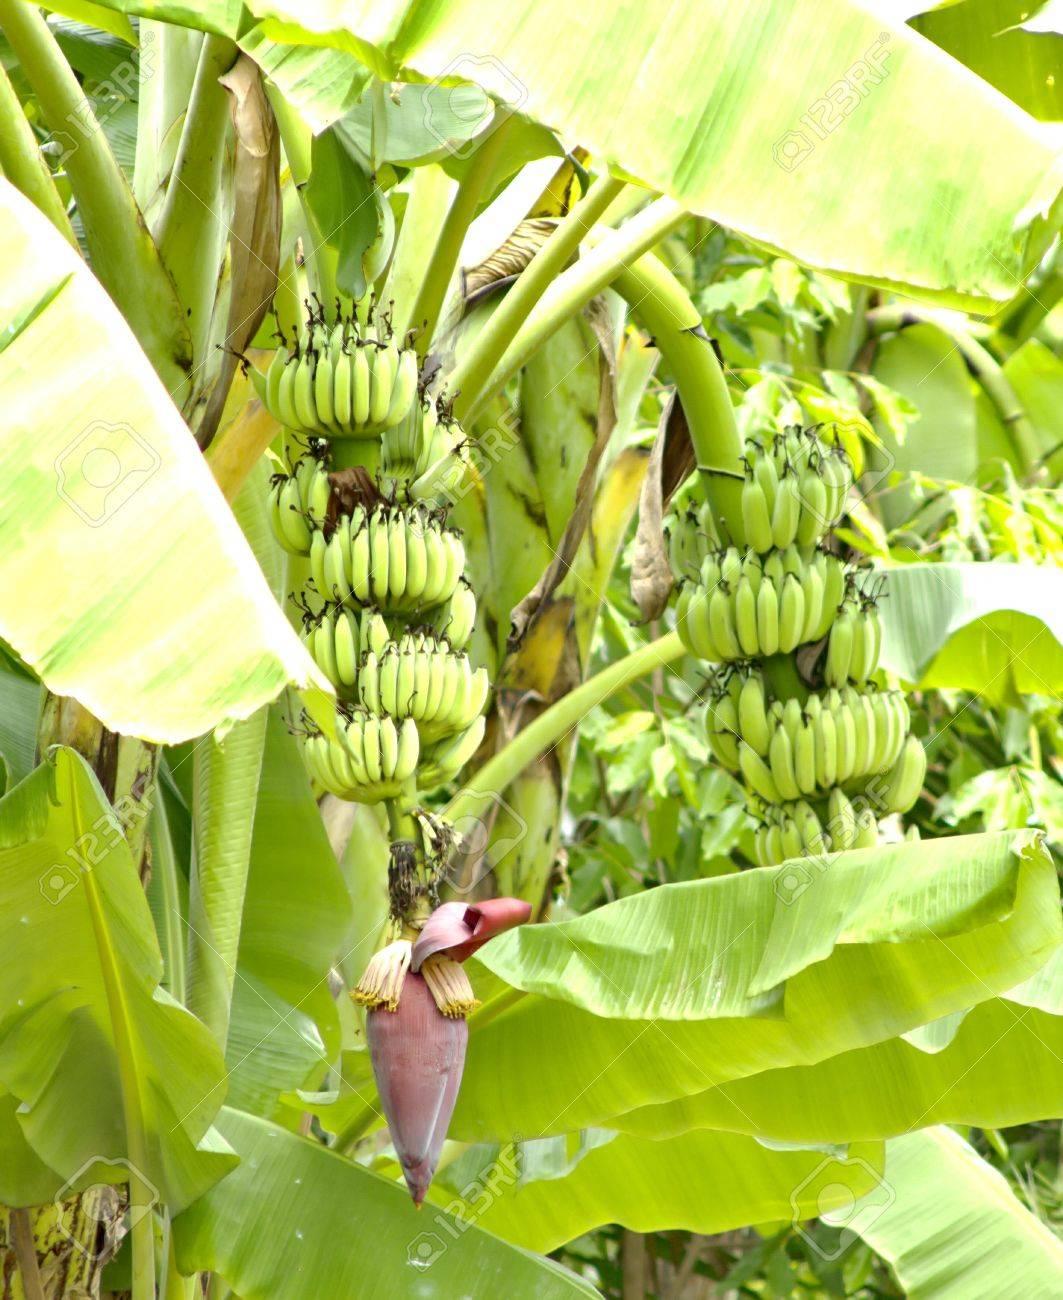 Pianta Di Banana Foto pianta di banana è originario dell'asia e gli steli, foglie, fiori, frutta  e pacchi di cibo pure. sicurezza delle sostanze chimiche.